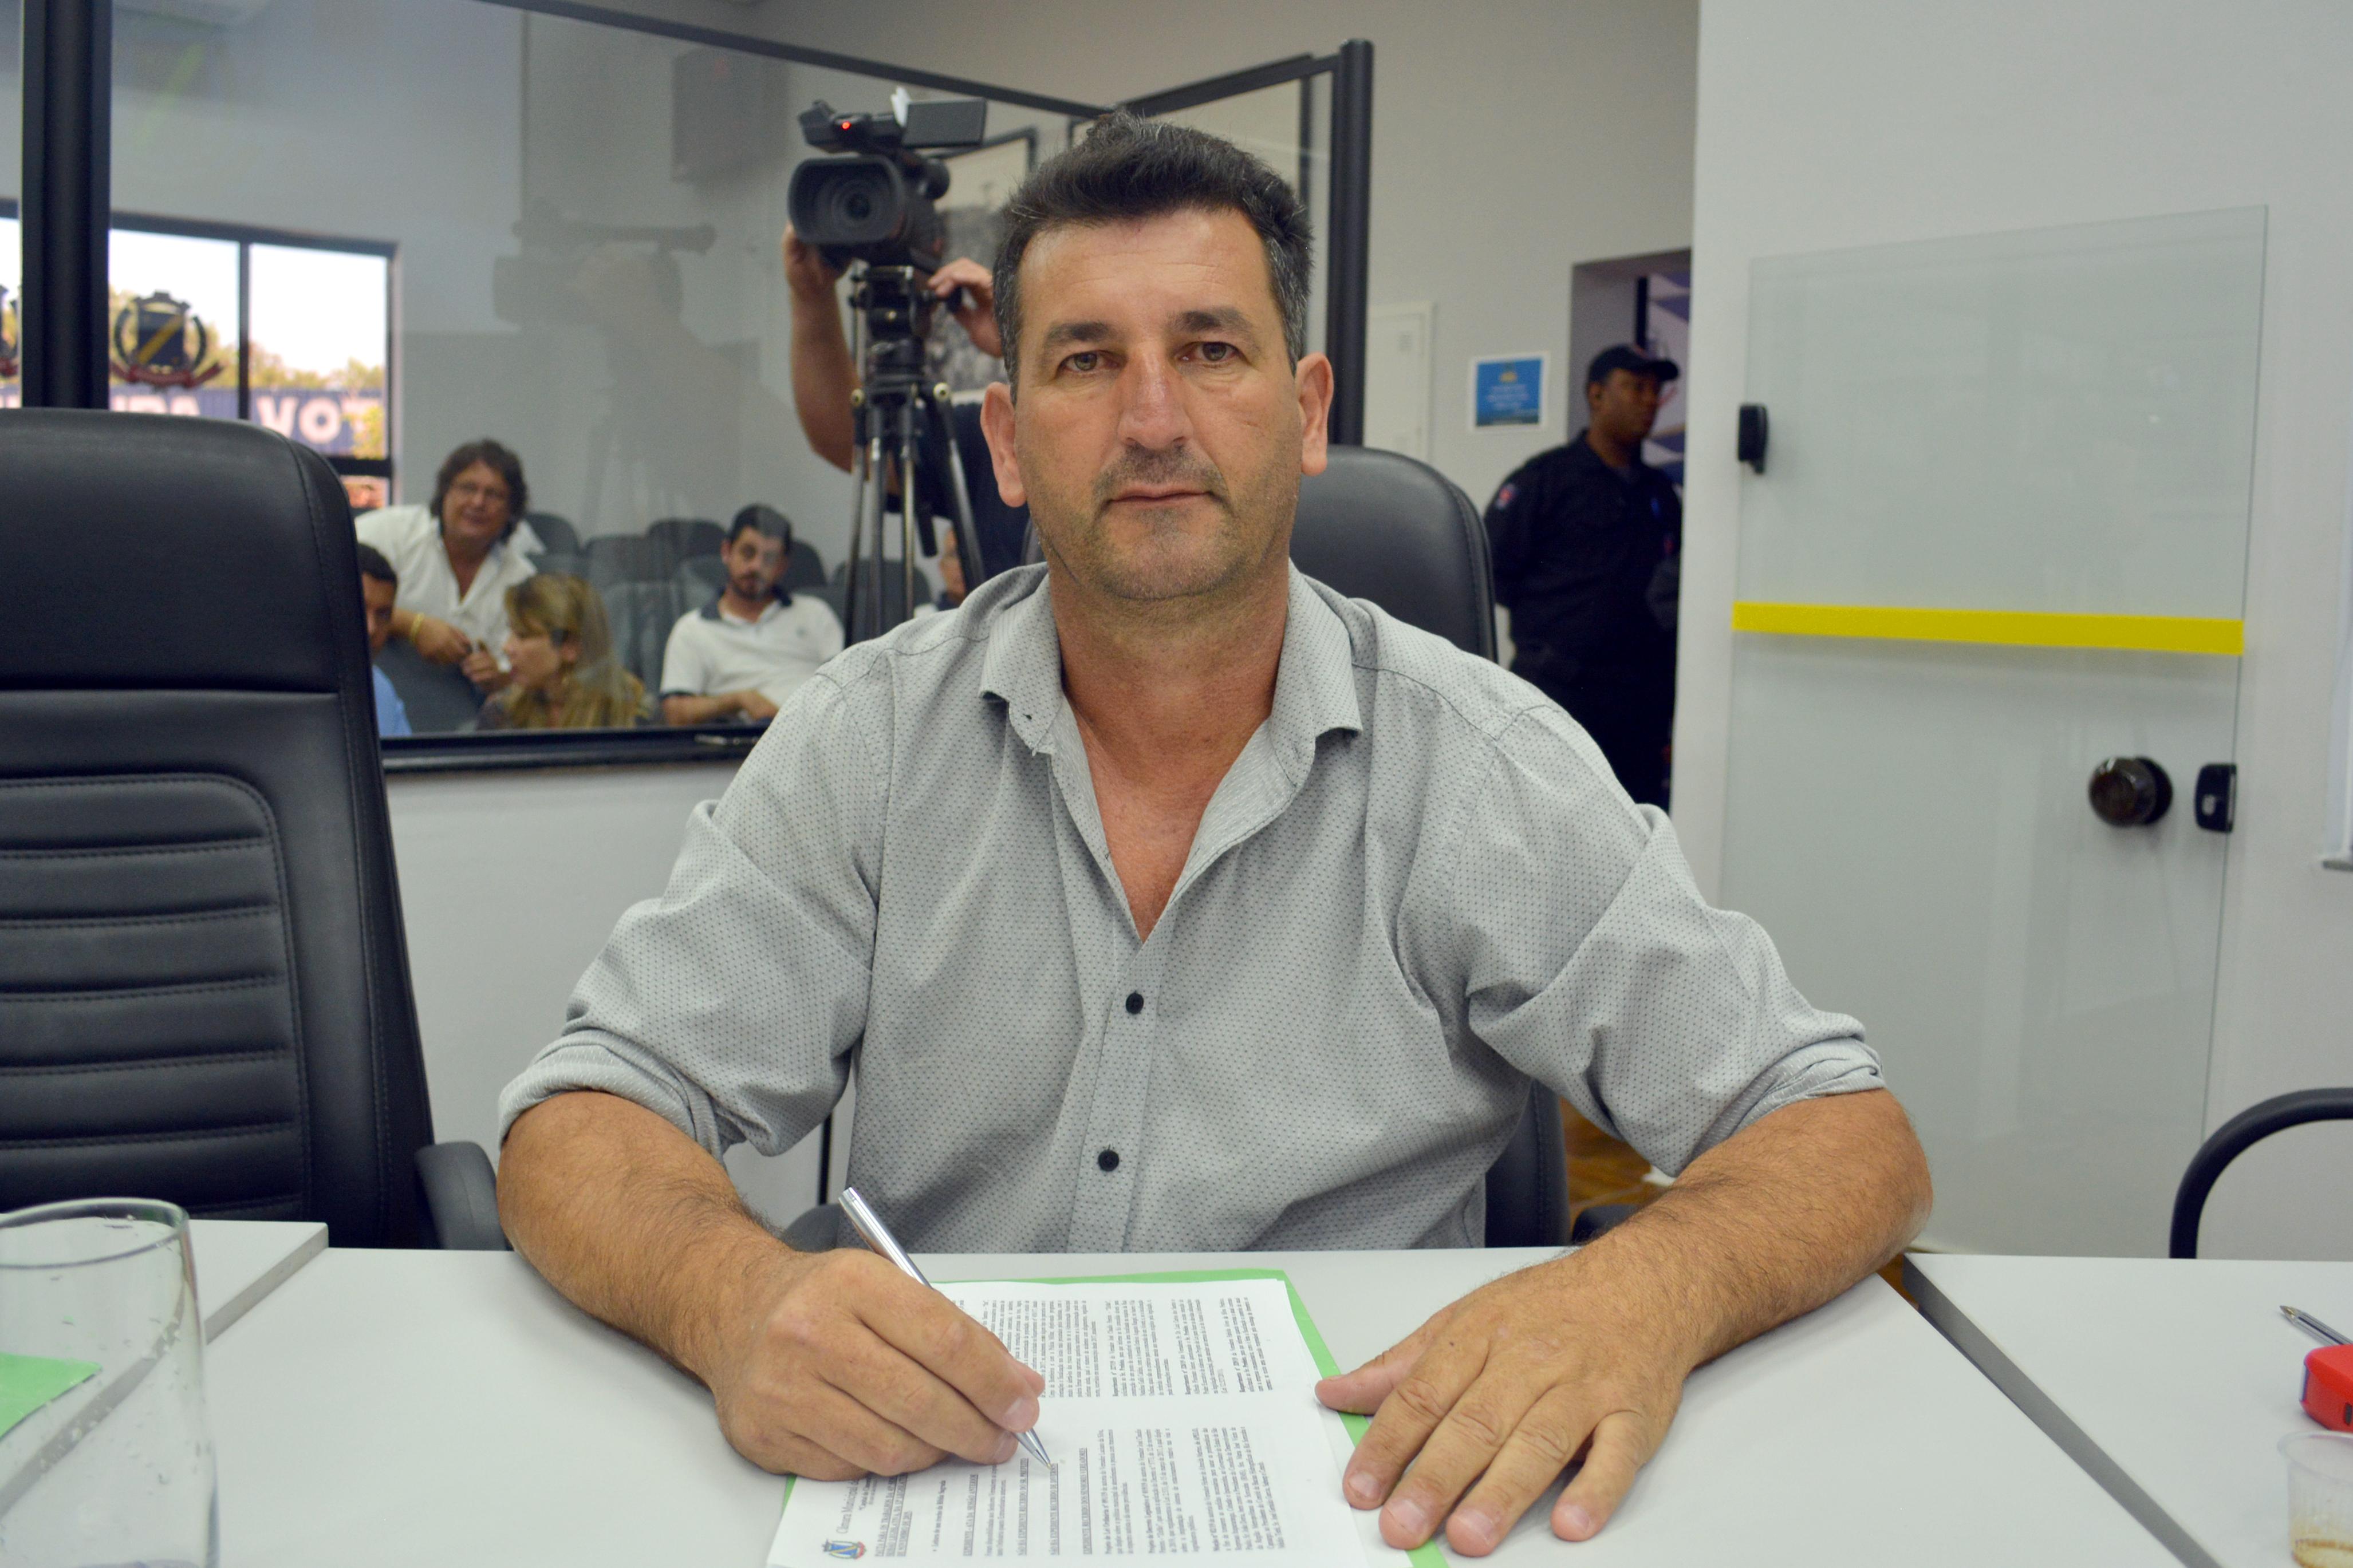 Vereador apresenta indicação de melhoria para o bairro Itapeva